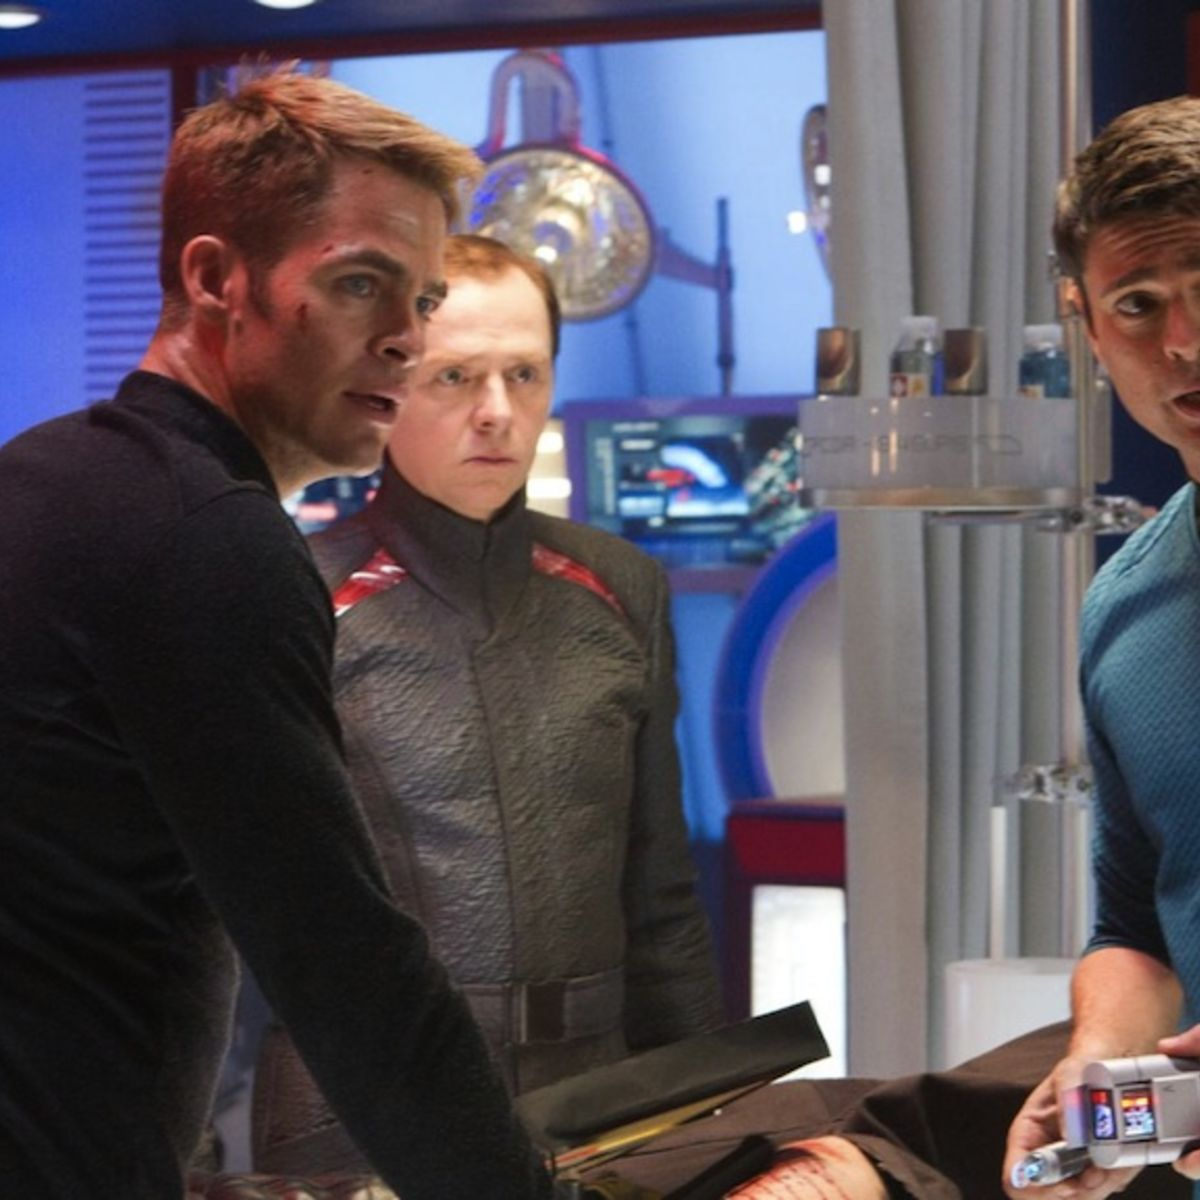 Star_Trek_2_ent_4_0.jpg